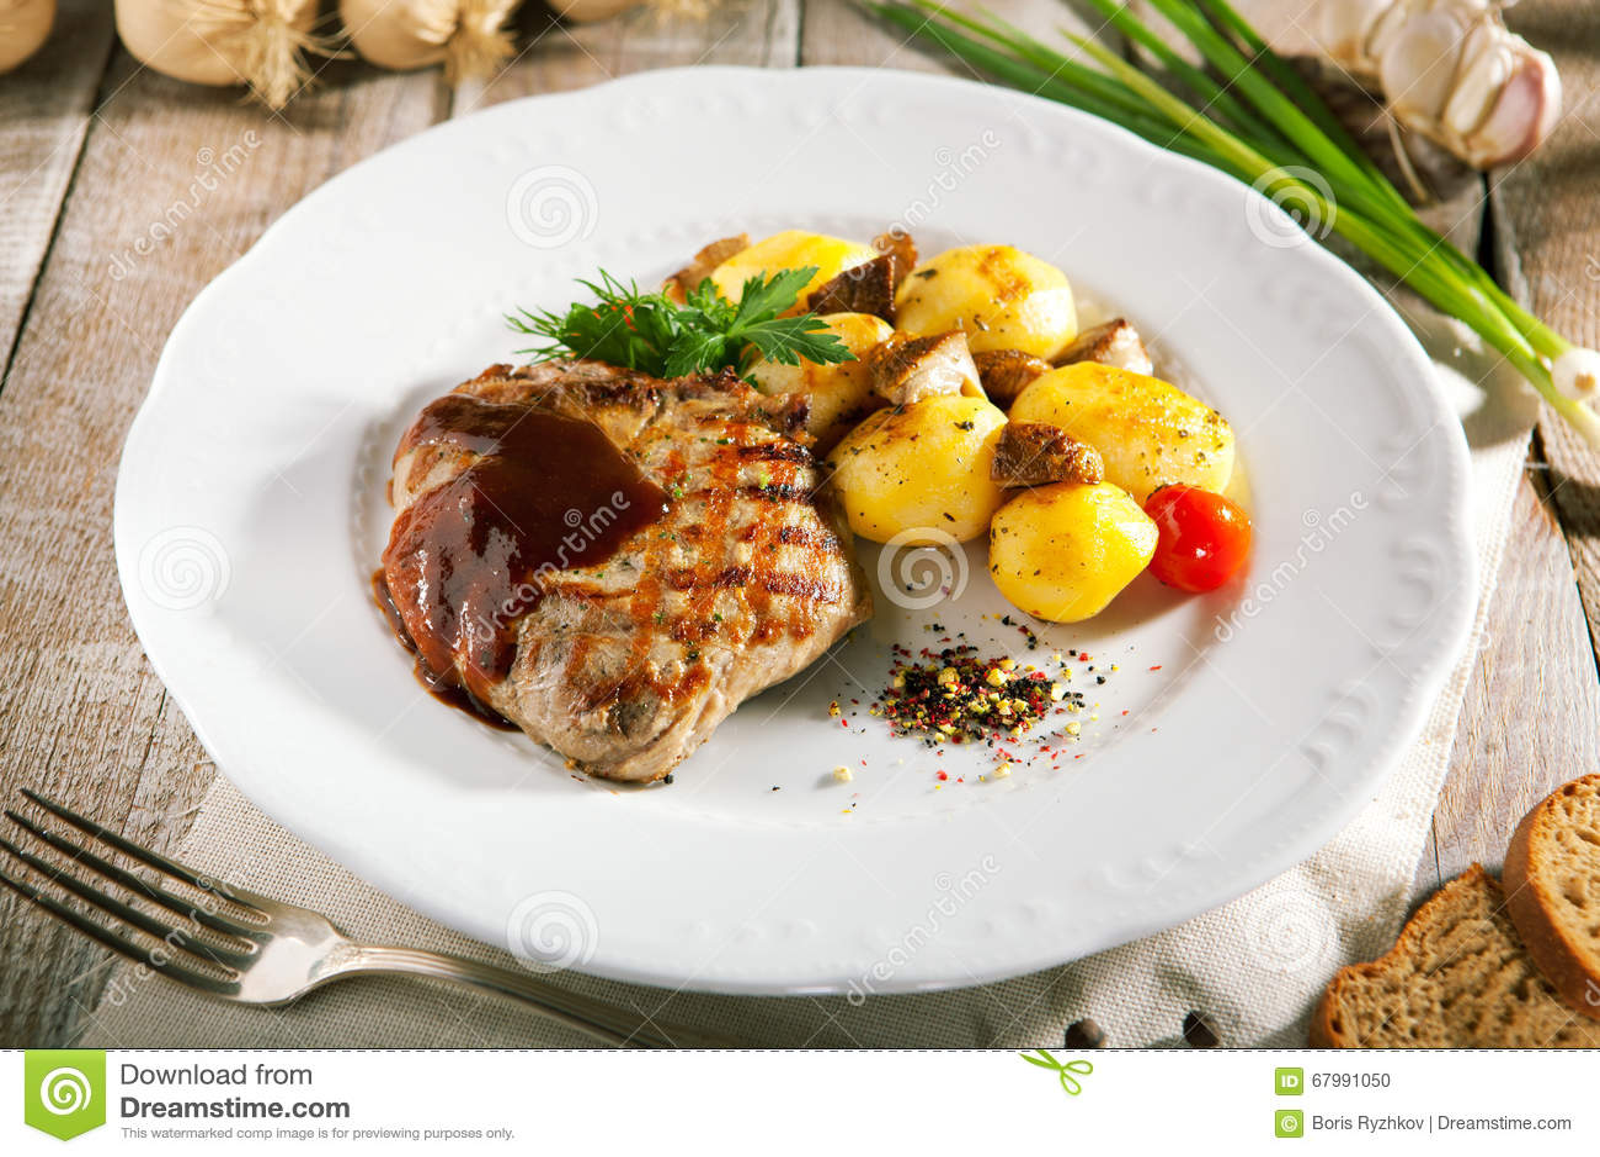 Стейки из свинины с картофелем — 3